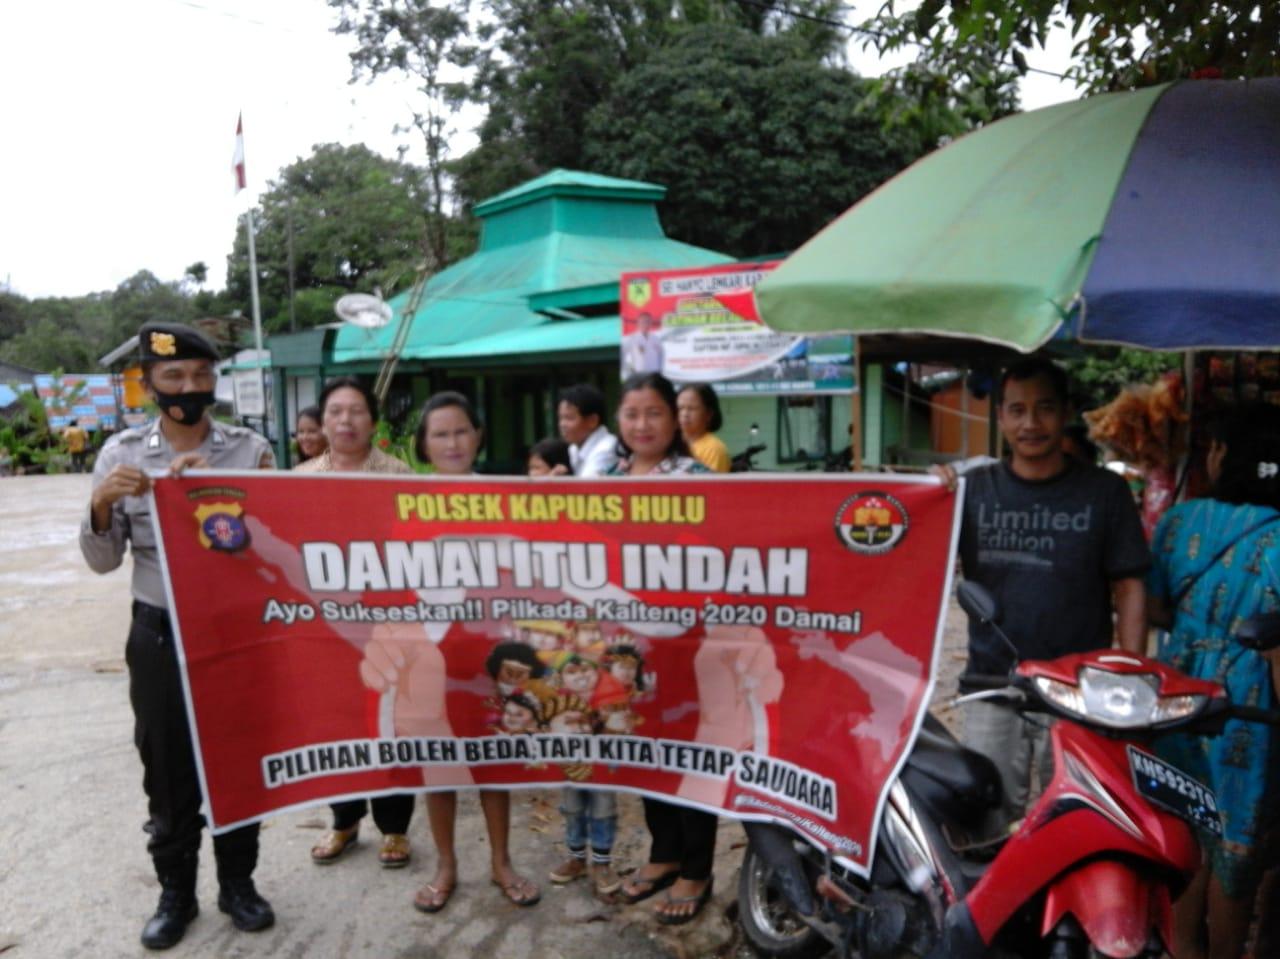 Polsek Kapuas Hulu melaksanakan patroli dialogis jelang Pilkada